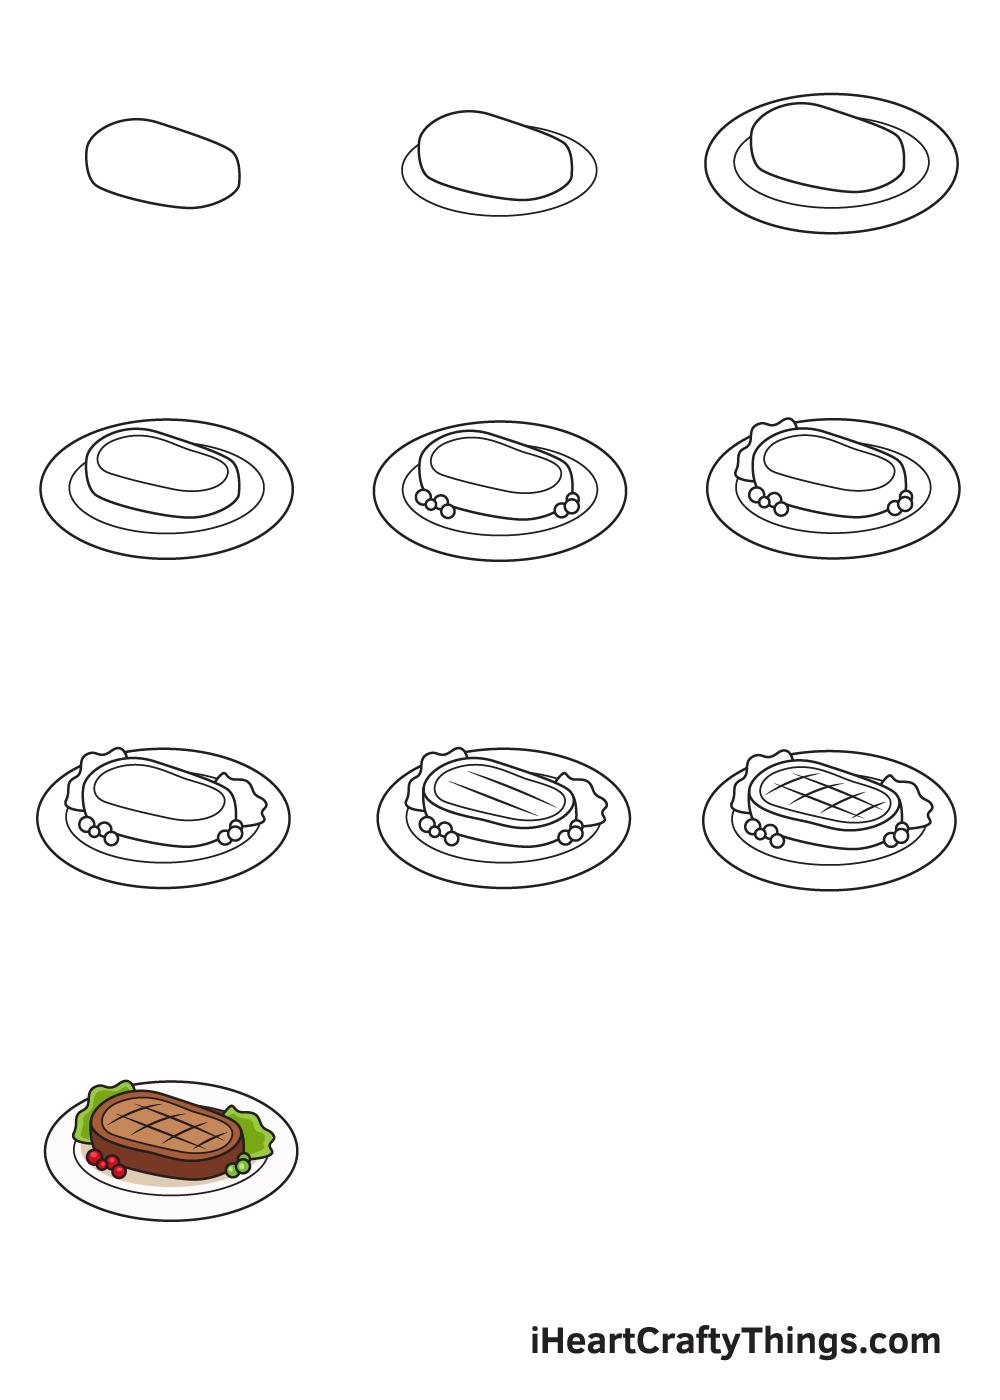 Drawing Food in 9 Easy Steps